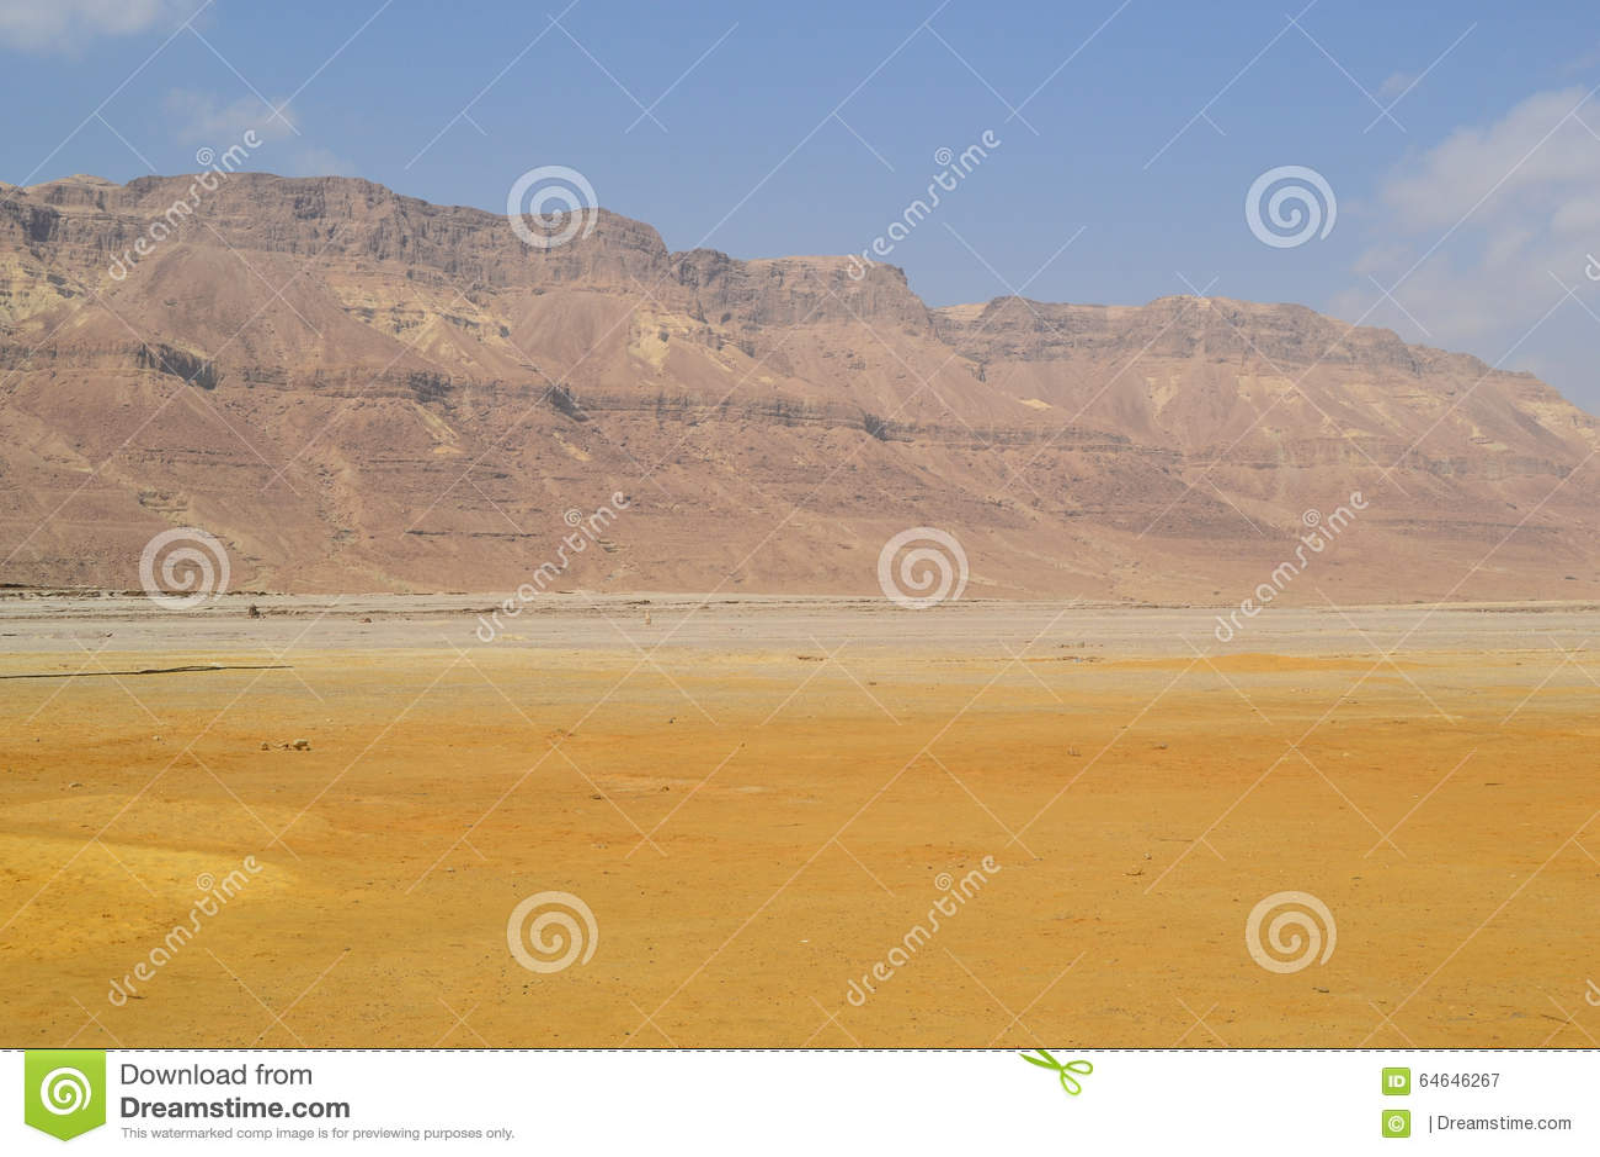 Montagnes de désert près de la mer morte